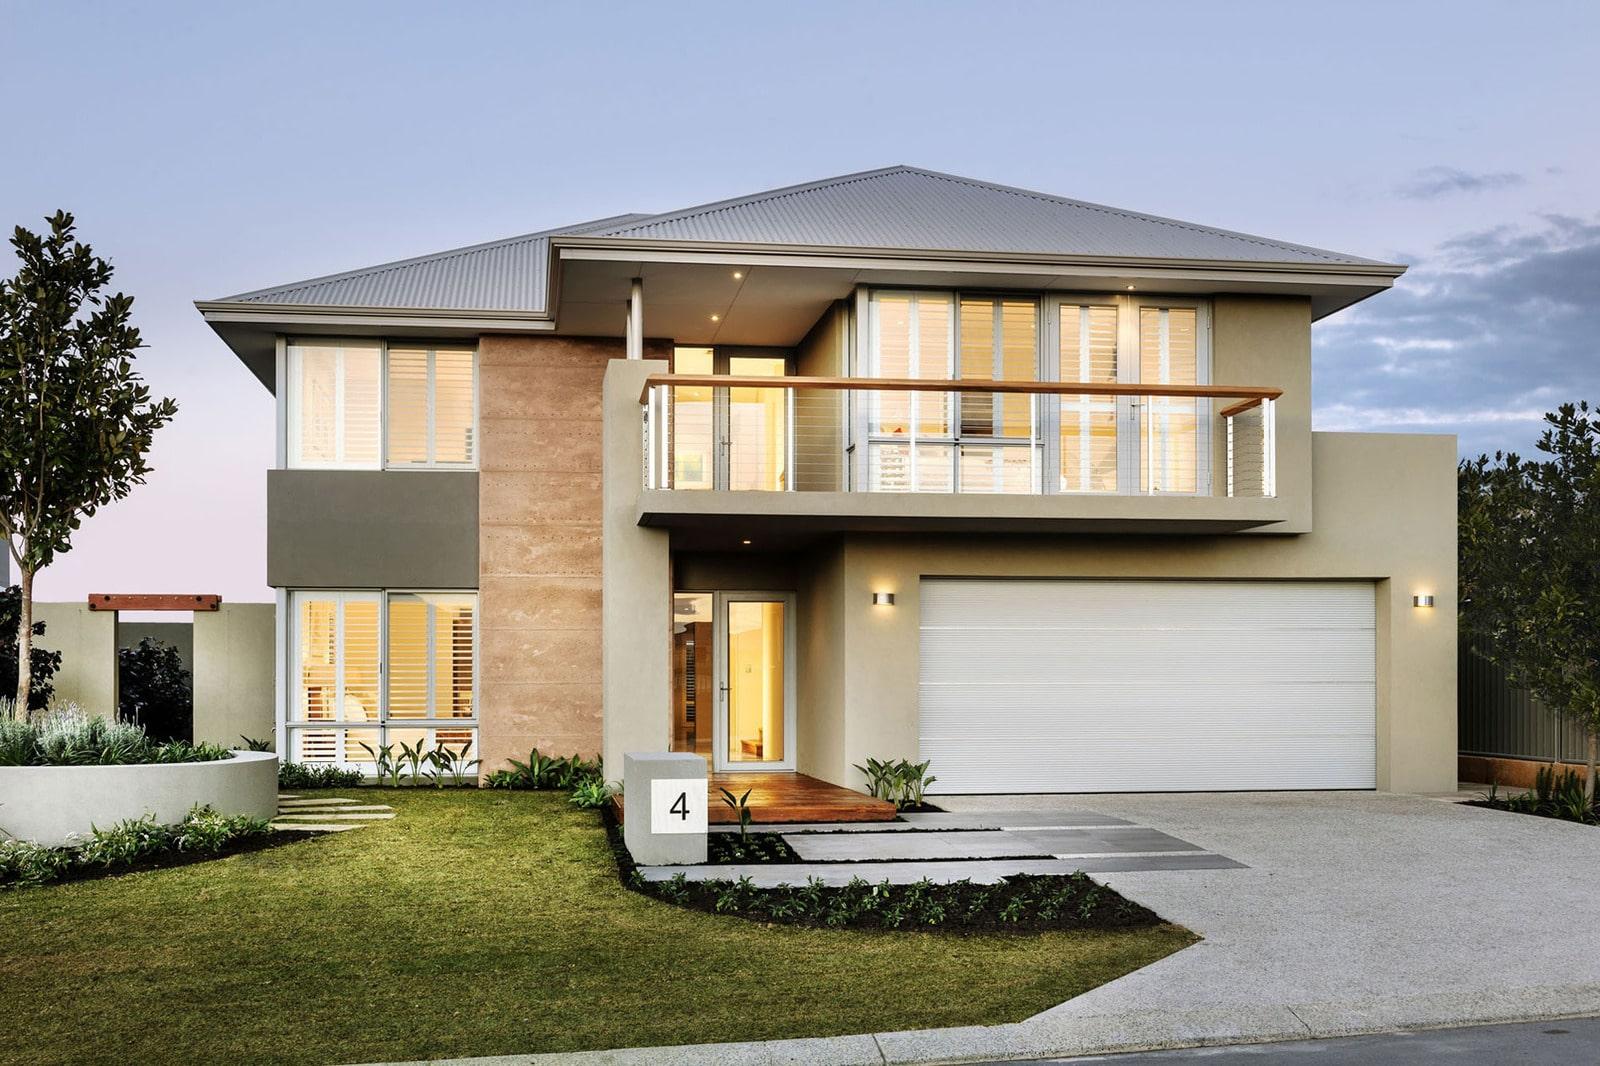 Dise o de casa moderna de dos pisos fachada e interiores for Viviendas sobre terrazas